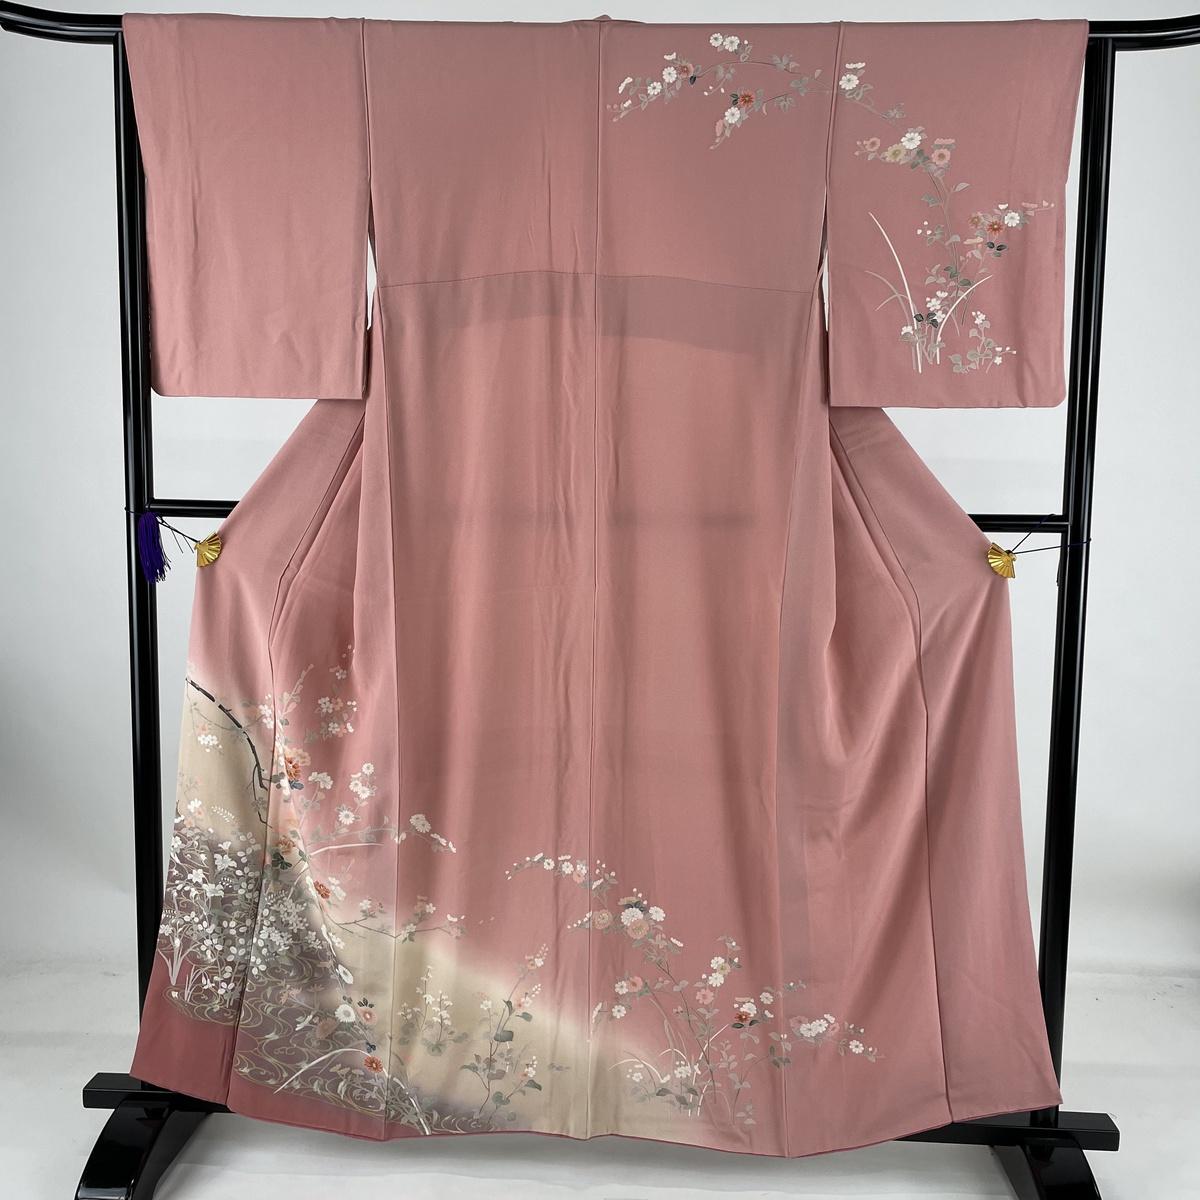 ランクA 着物 超人気 リサイクル 送料無料 訪問着 美品 秀品 草花 流水 金銀彩 M 160cm ピンク 中古 2020新作 64cm ぼかし 袷 正絹